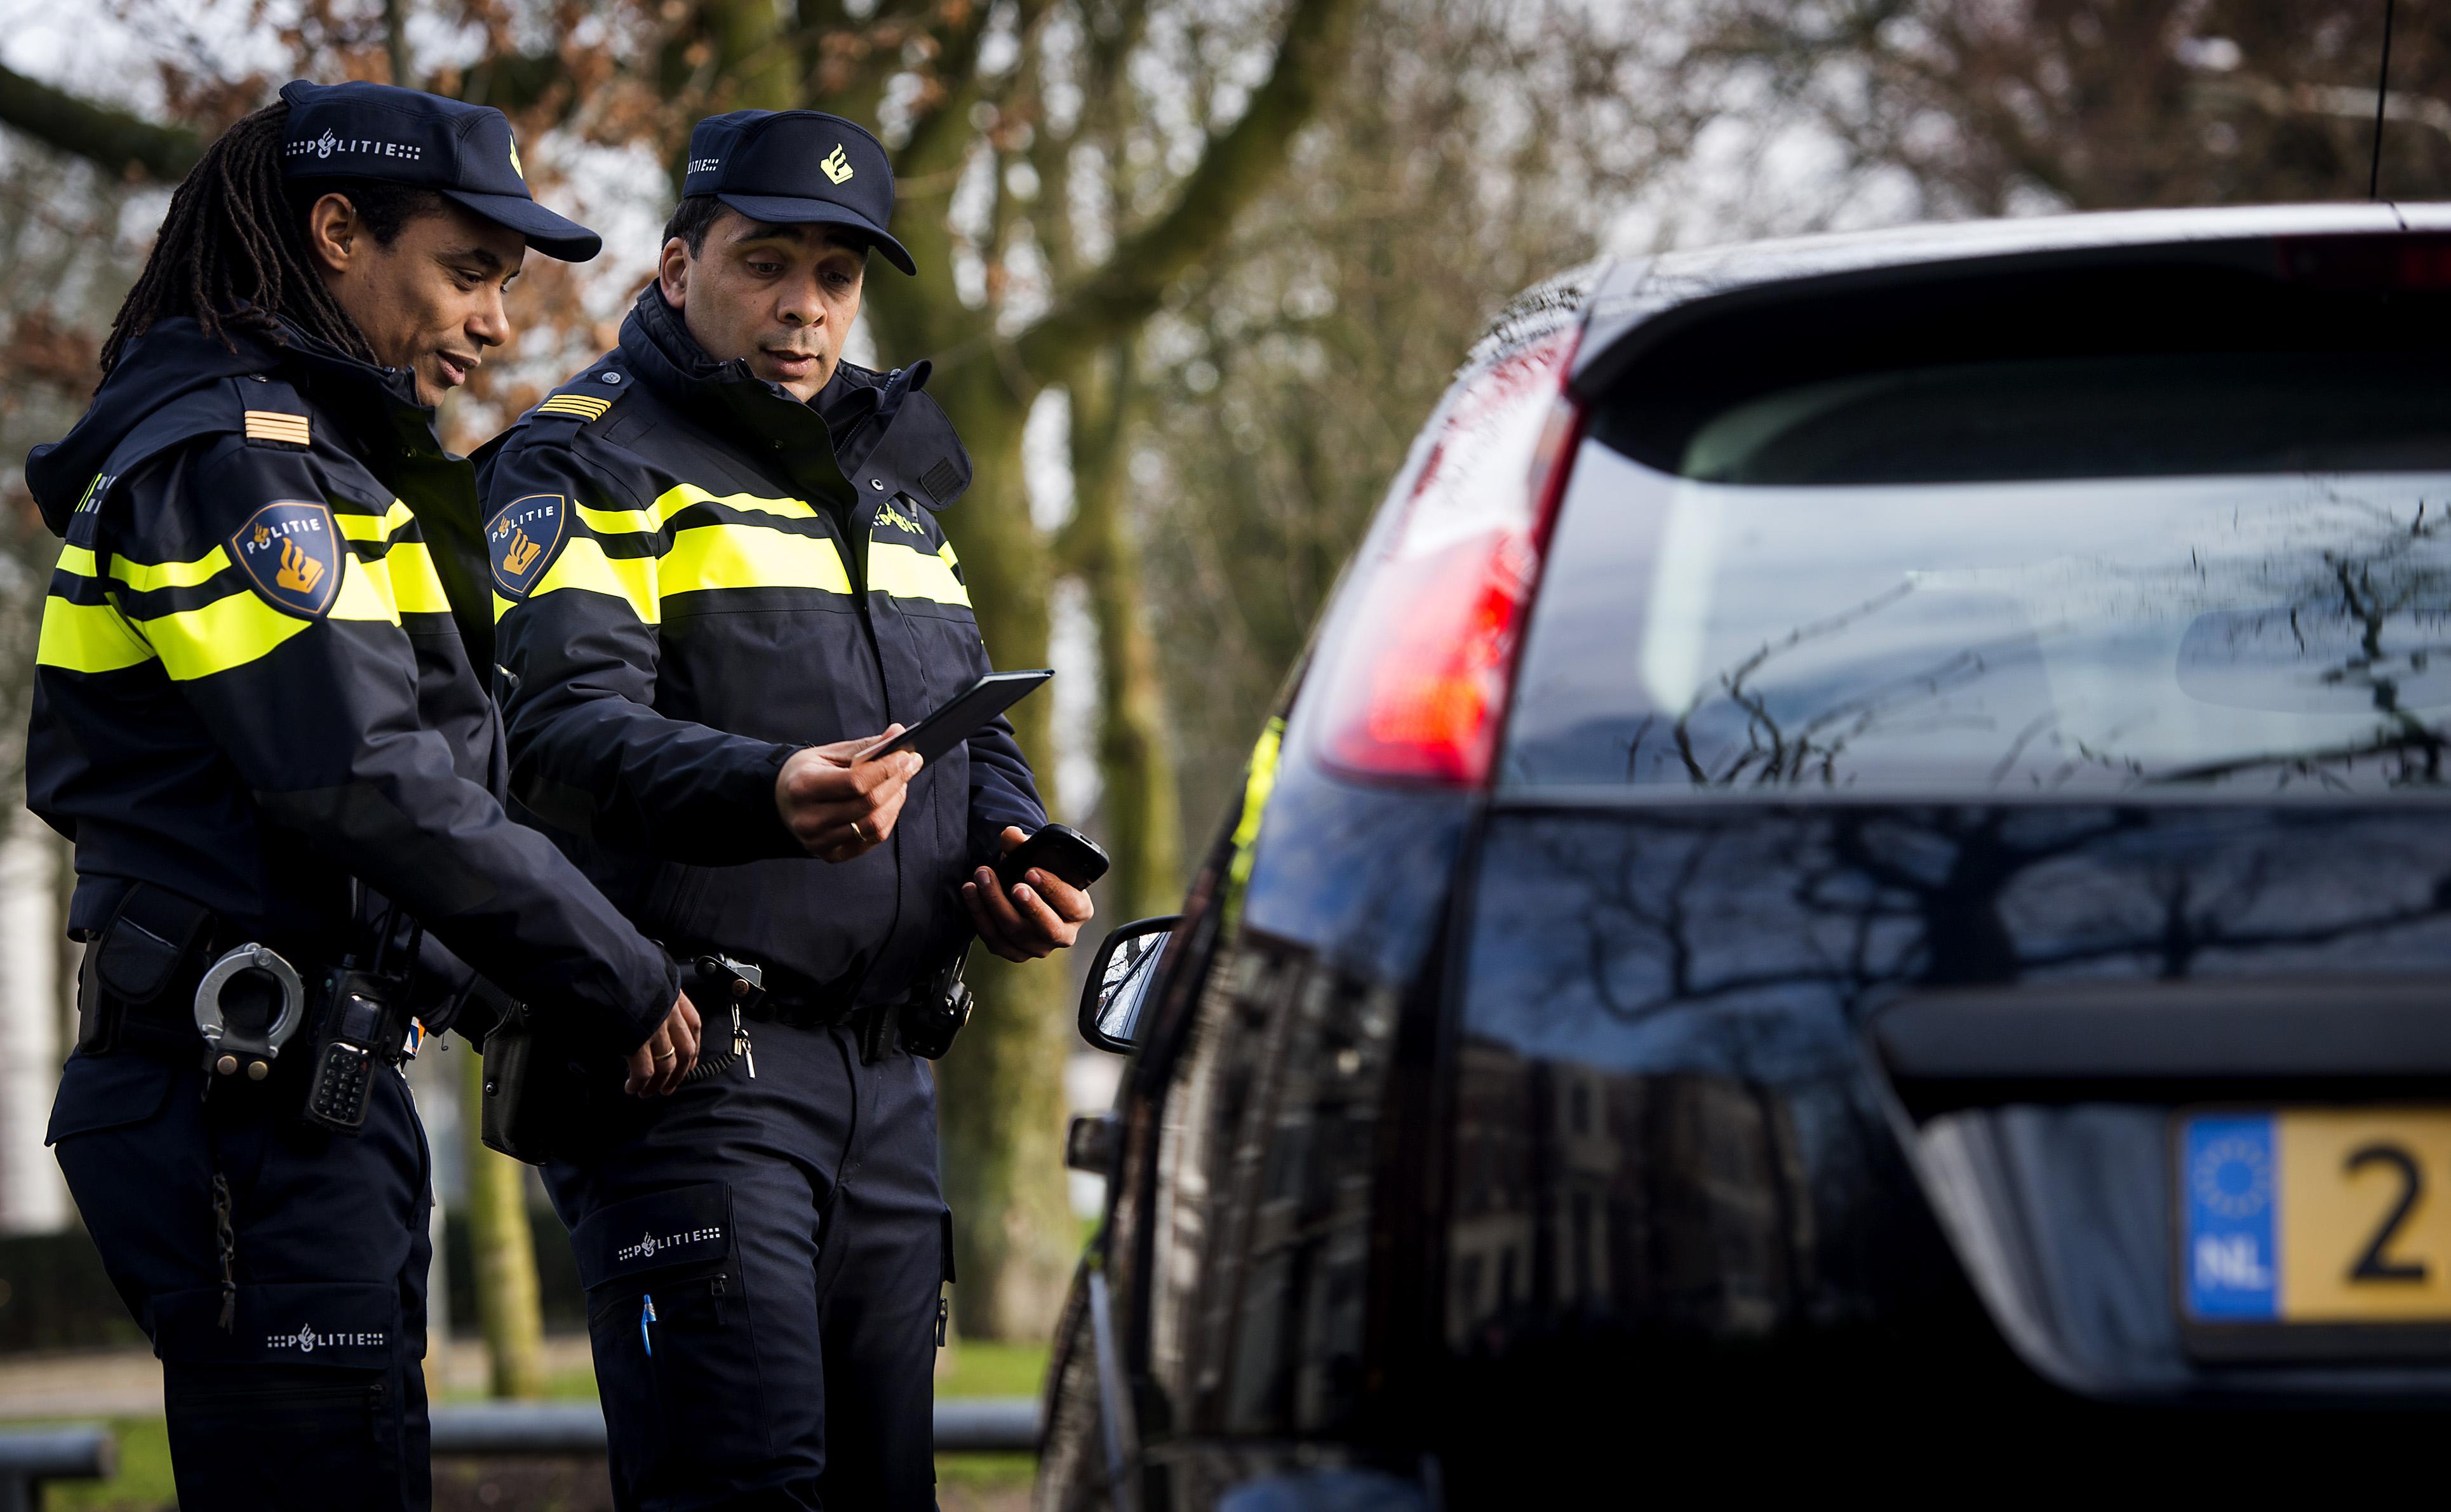 Het was niet bepaald voor het eerst dat Jordi (32) onder invloed van drugs achter het stuur zat. Bij de politierechter vraagt hij om hulp. 'Ik wil mijn leven weer op de rit krijgen en kan dat niet alleen'